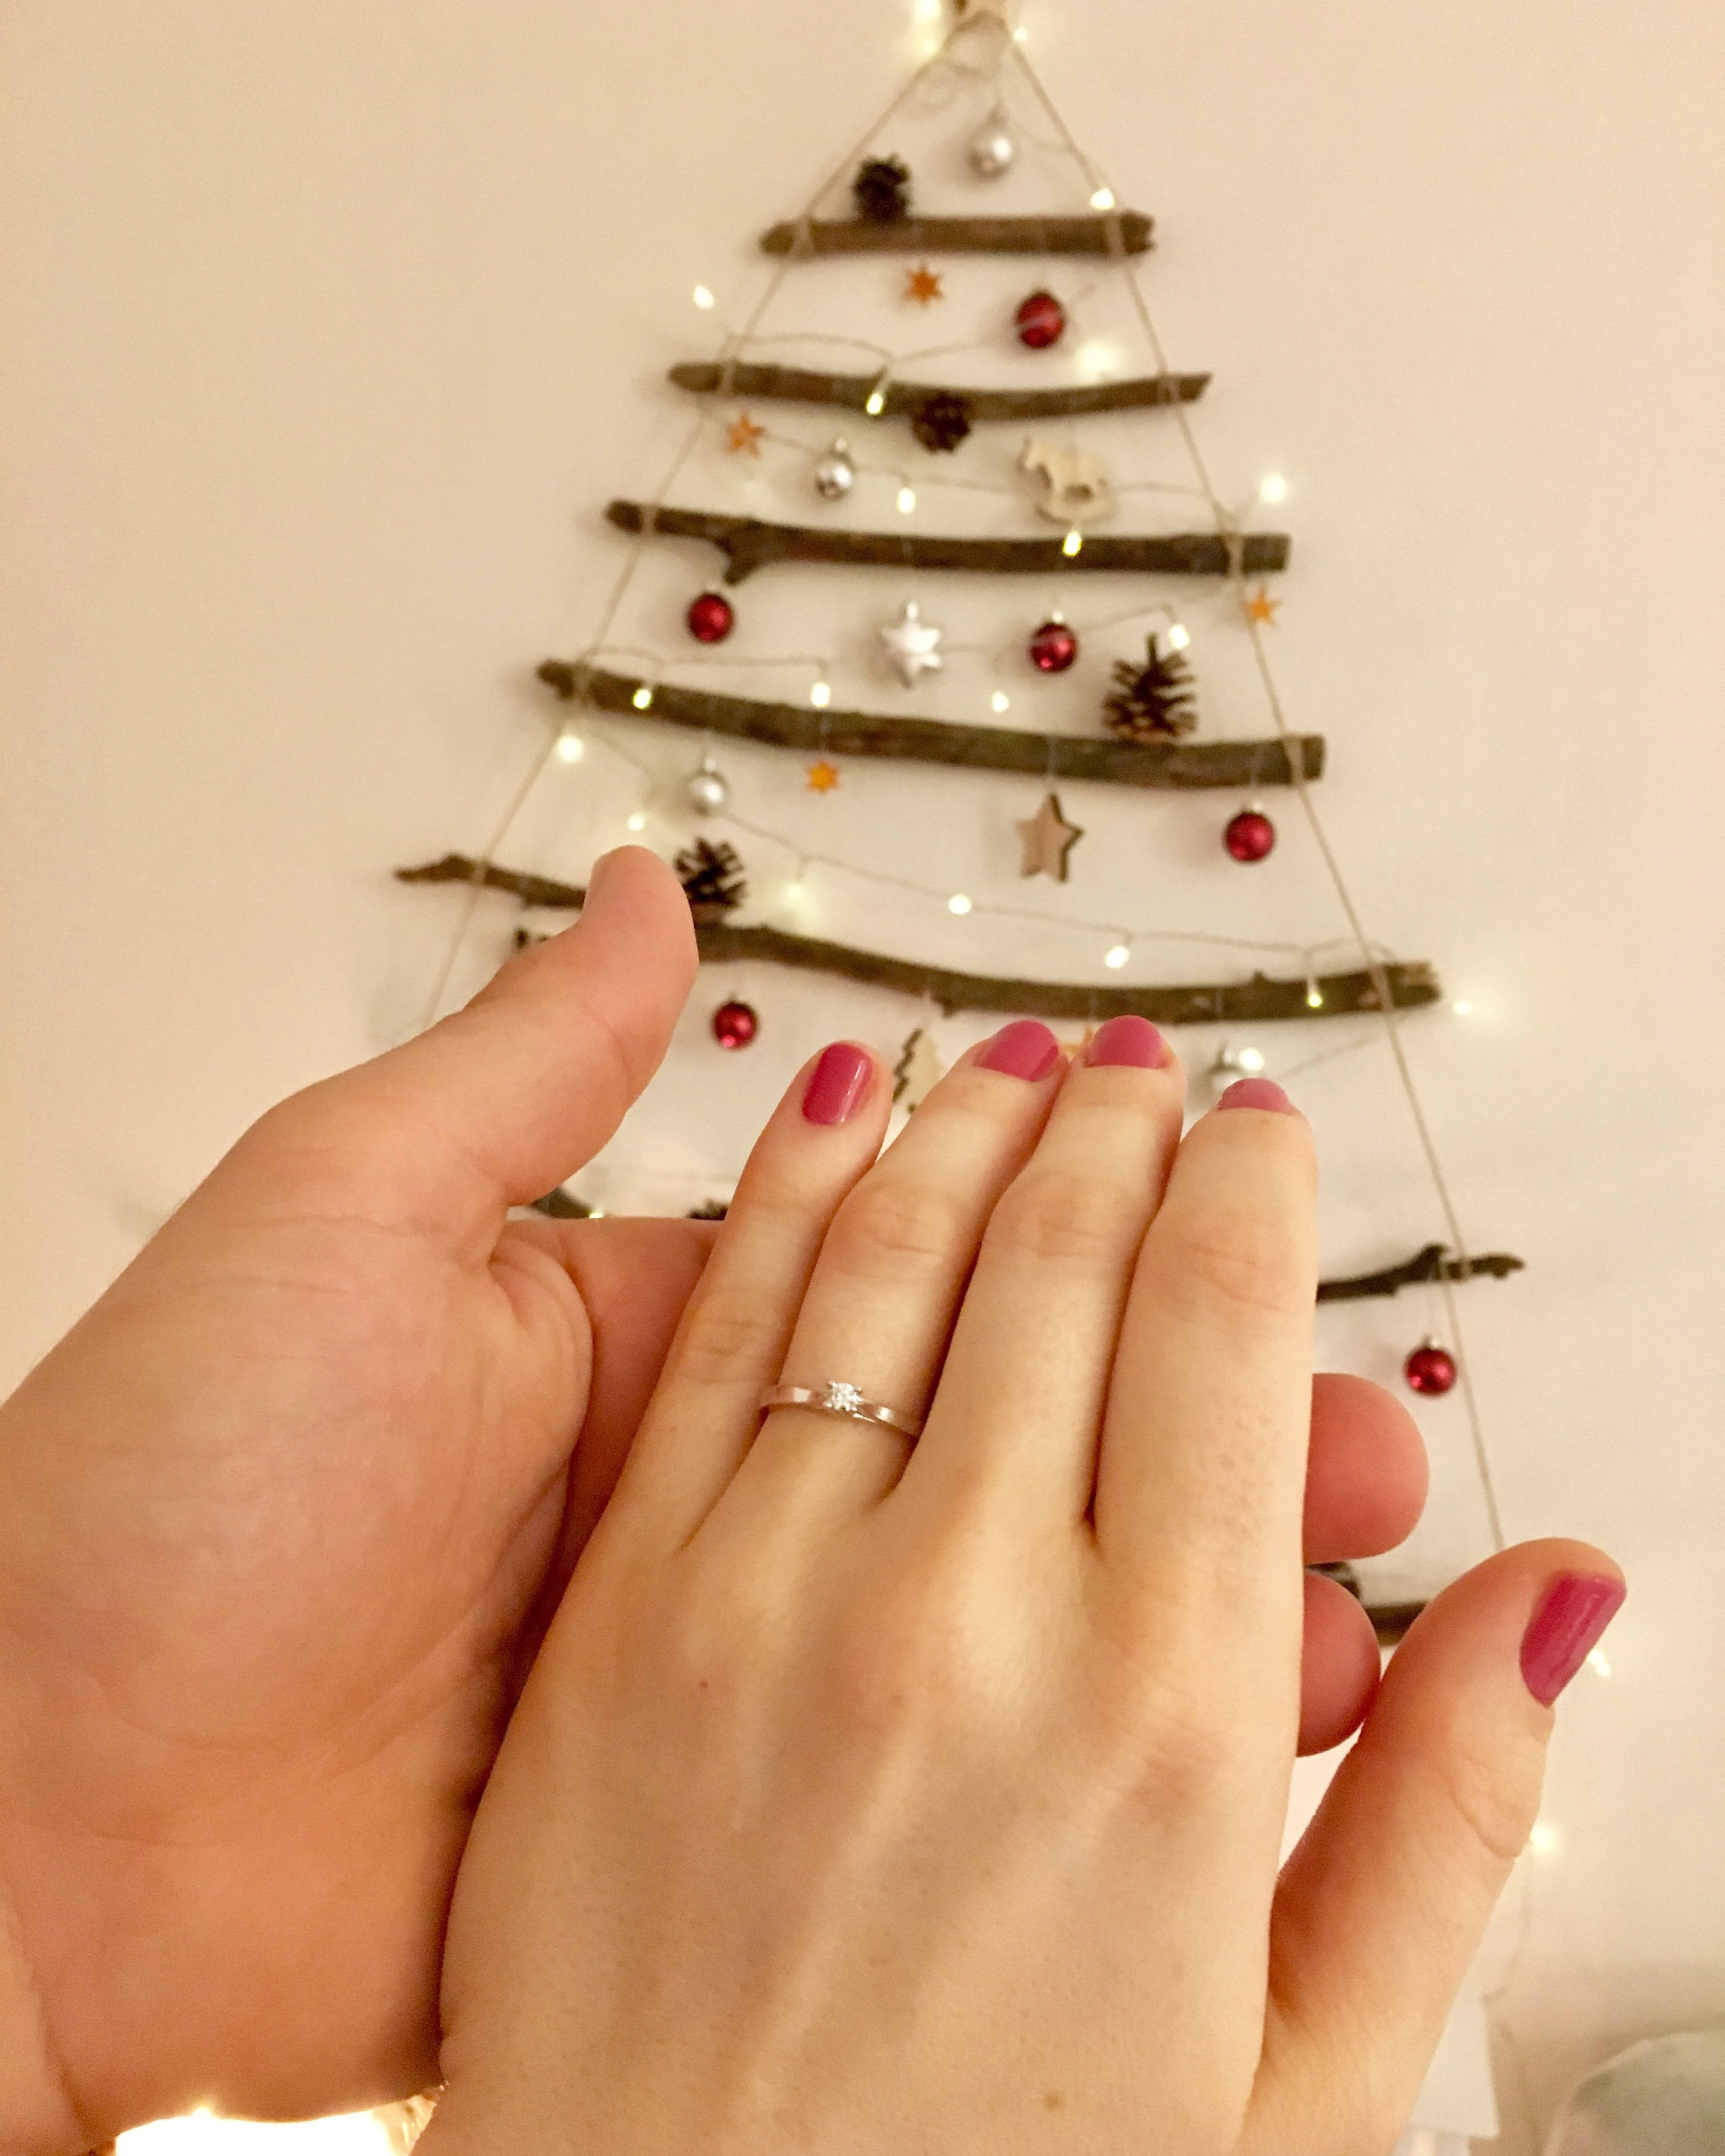 Budu se vdávat!